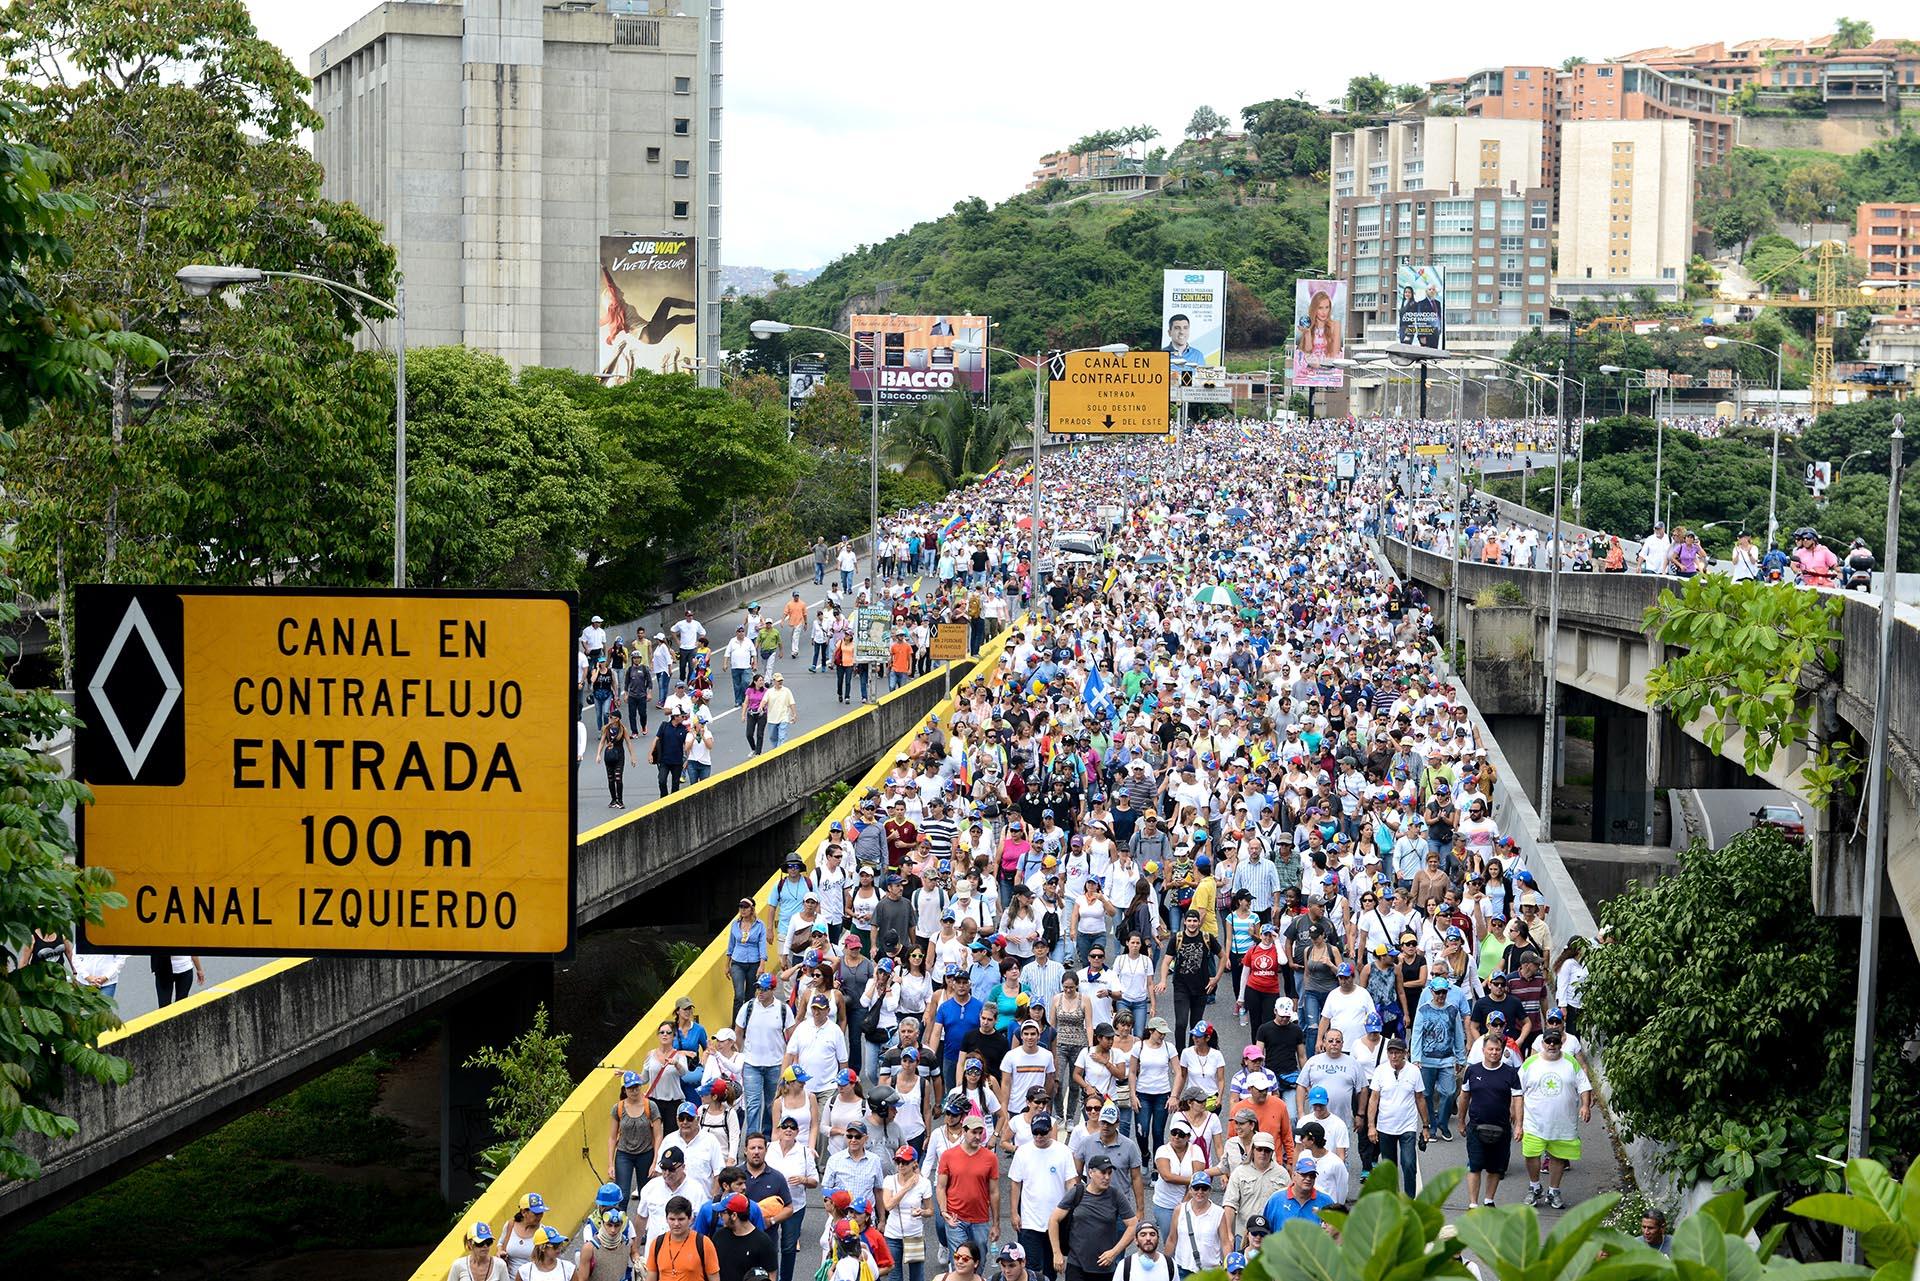 Marcha opositora en Caracas, Venezuela, contra el régimen de Nicolás Maduro